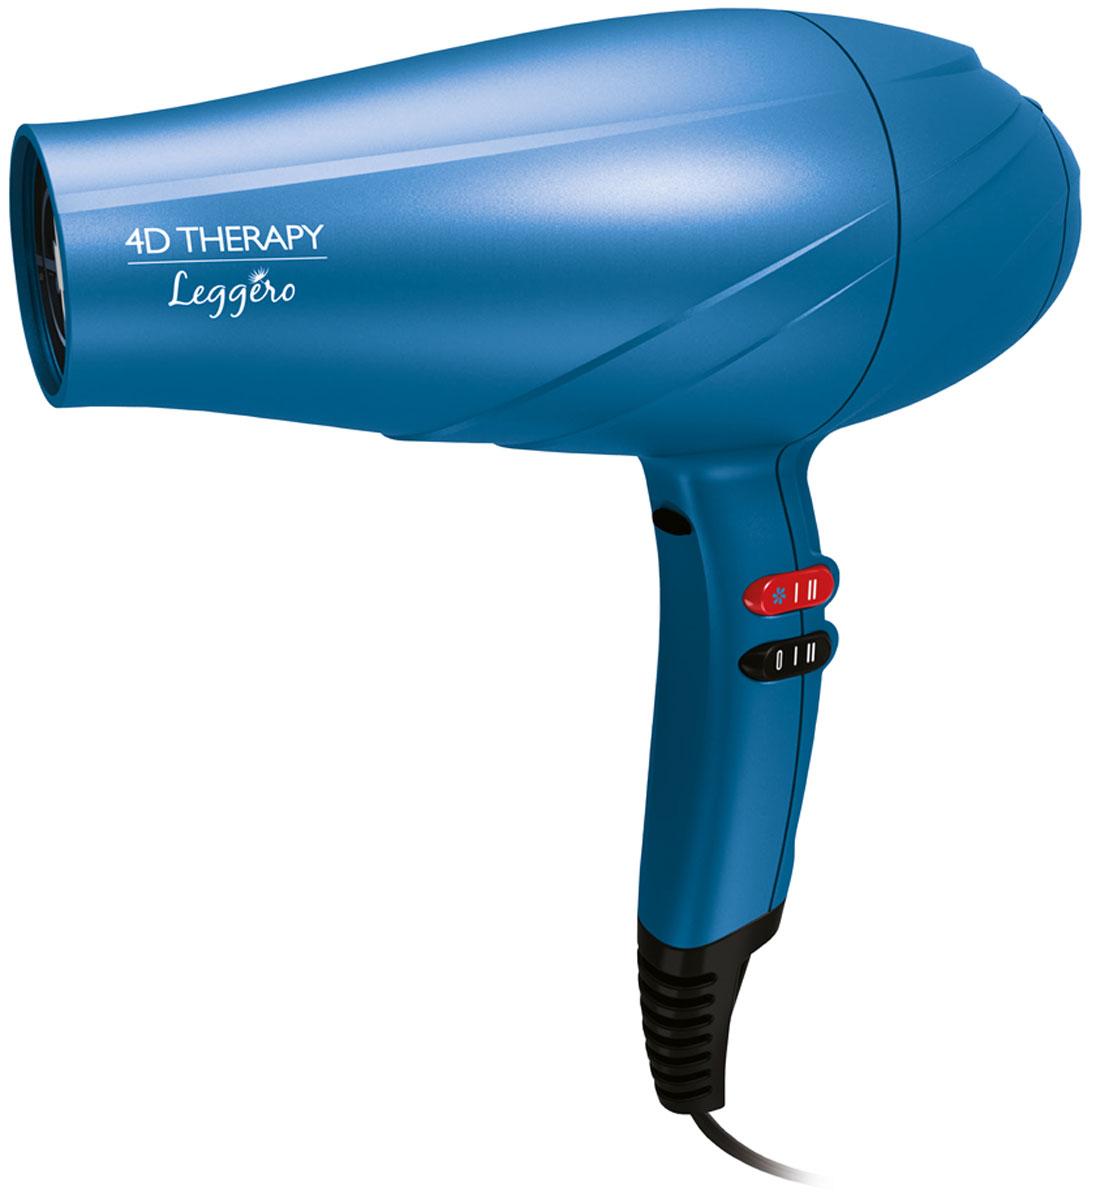 Ga.Ma Leggero Ion 4D Therapy фенA21.LEGGEROION.4DТЕХНОЛОГИЯАктивный кислород освобождает волосяные луковицы от загрязнений и улучшает их обеспечение кислородом, таким образом обеспечивая антивозрастной эффект. Ваши волосы будут более сильными, здоровыми и блестящими.ПРЕИМУЩЕСТВАВаши волосы будут расти более сильными и живымиВаши волосы будут более блестящими от корней до кончиковВаши волосы будут более сияющими, восстановленными и эластичными, чем когда-либо преждеВаши волосы полностью обновятся4 ПРЕИМУЩЕСТВАДЛЯ ВАШИХ ВОЛОС ( 4 Dimension - 4D)БЛЕСКСНЯТИЕ СТАТИЧЕСКОГО ЭЛЕКТРИЧЕСТВАРЕКОНСТРУКЦИЯАНТИВОЗРАСТНОЙ ЭФФЕКТИнновационная активная технология Ozone 3 серии 4D Therapy сочетает в себе технологию ION PLUS, нейтрализующую статическое электричество, с действием технологии Ozone 3. Технология Ozone 3 помогает устранить жир и загрязнения, которые могут закупоривать поры, и значительно улучшить обеспечение волосяных луковиц кислородом, стимулируя их реконструкцию. Кроме этого, турмалиновое покрытие сделает Ваши волосы более сияющими и шелковистыми. Их комбинированное действие придает волосам силу от корней до кончиков, оздоравливает их благодаря антивозрастному эффекту такого ухода.Активная технология Ozone 3 Ion: обновляющий эффект для волосТехнология Ion Plus, постоянный поток ионовМощность 2400 ВтПрофессиональный мощный долговечный мотор AC.6 температурных режимов, 2 скорости, холодный обдувСъемный воздушный фильтр для легкой чисткиВ комплекте насадка-концентратор